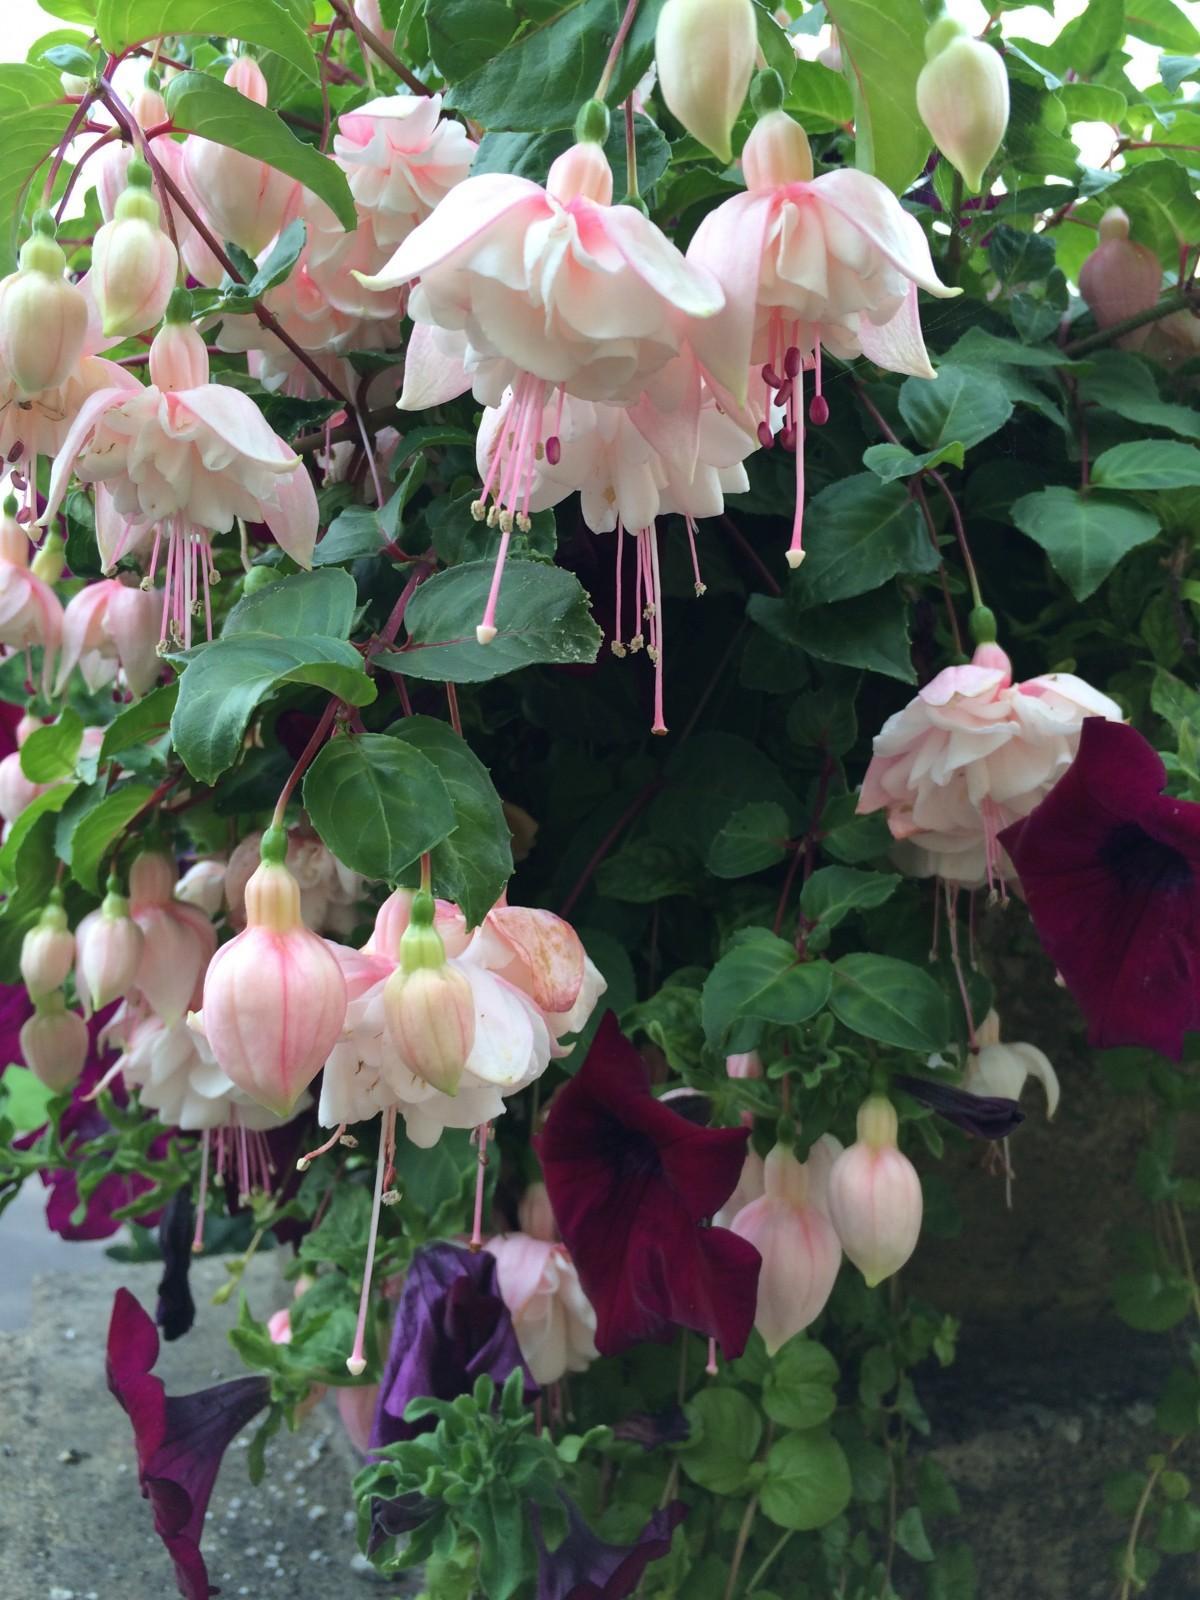 Immagini belle fiore botanica arbusto fucsia pianta for Rose da giardino